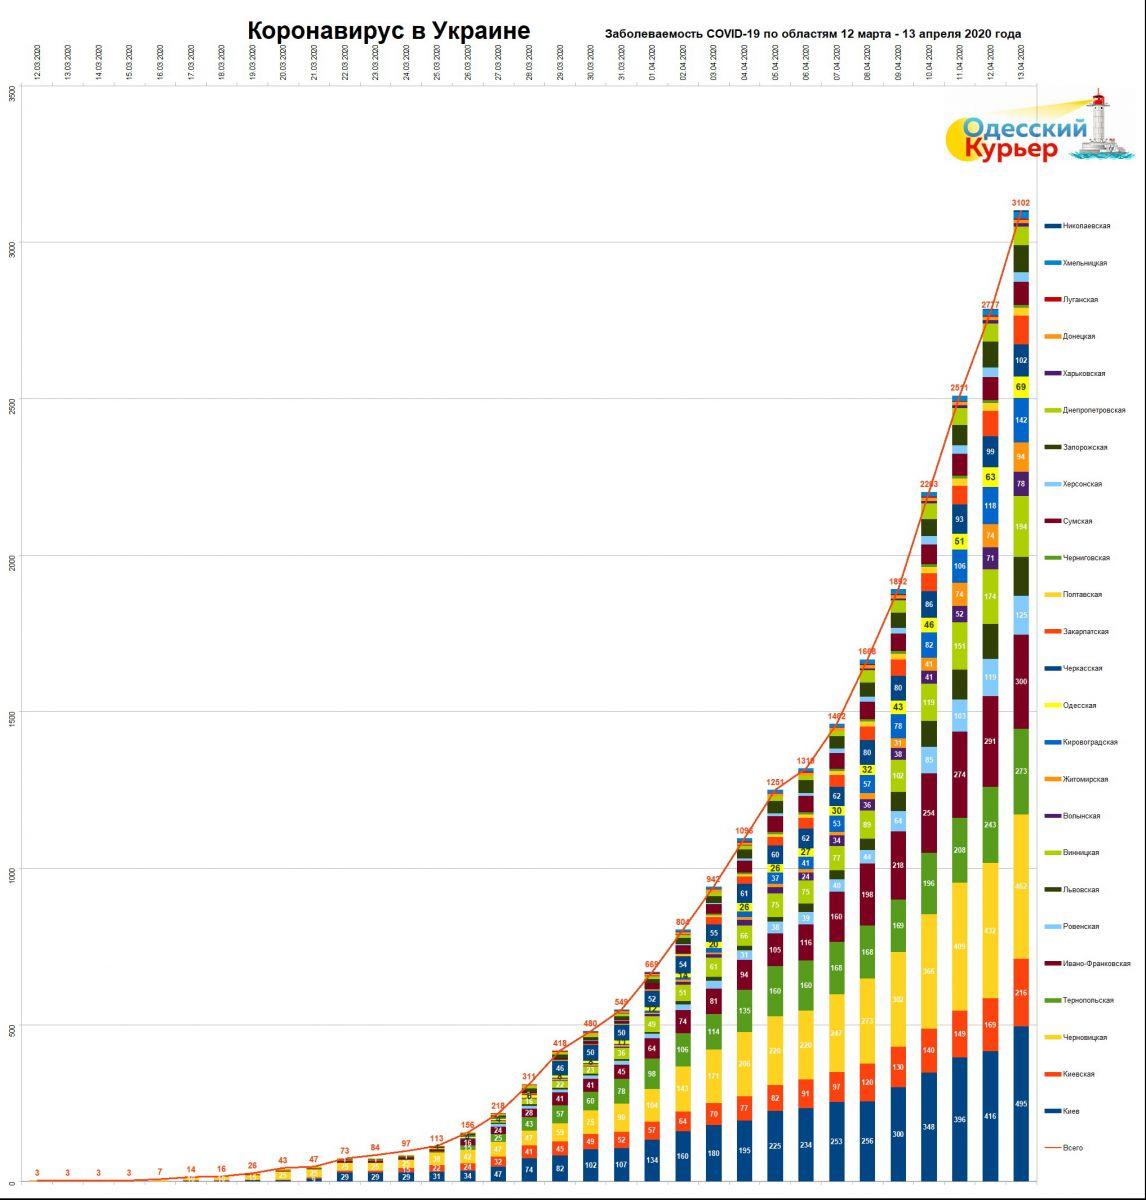 """Инфографика """"Одесского Курьера"""": коронавирус в Украине с 12 марта по 13 апреля. Показана динамика появления болезни в разных областях на фоне общего количества случаев коронавируса."""